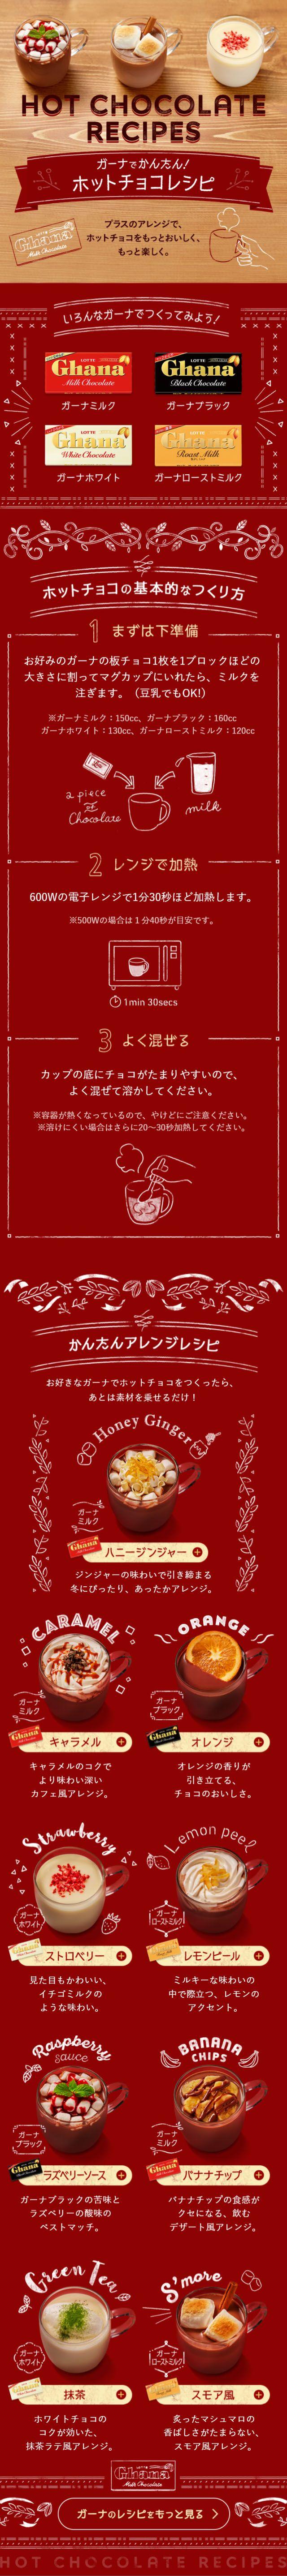 LOTTE様の「ガーナでかんたん!ホットチョコレシピ」のスマホランディングページ(LP)かわいい系 スイーツ・スナック菓子 #LP #ランディングページ #ランペ #ガーナでかんたん!ホットチョコレシピ